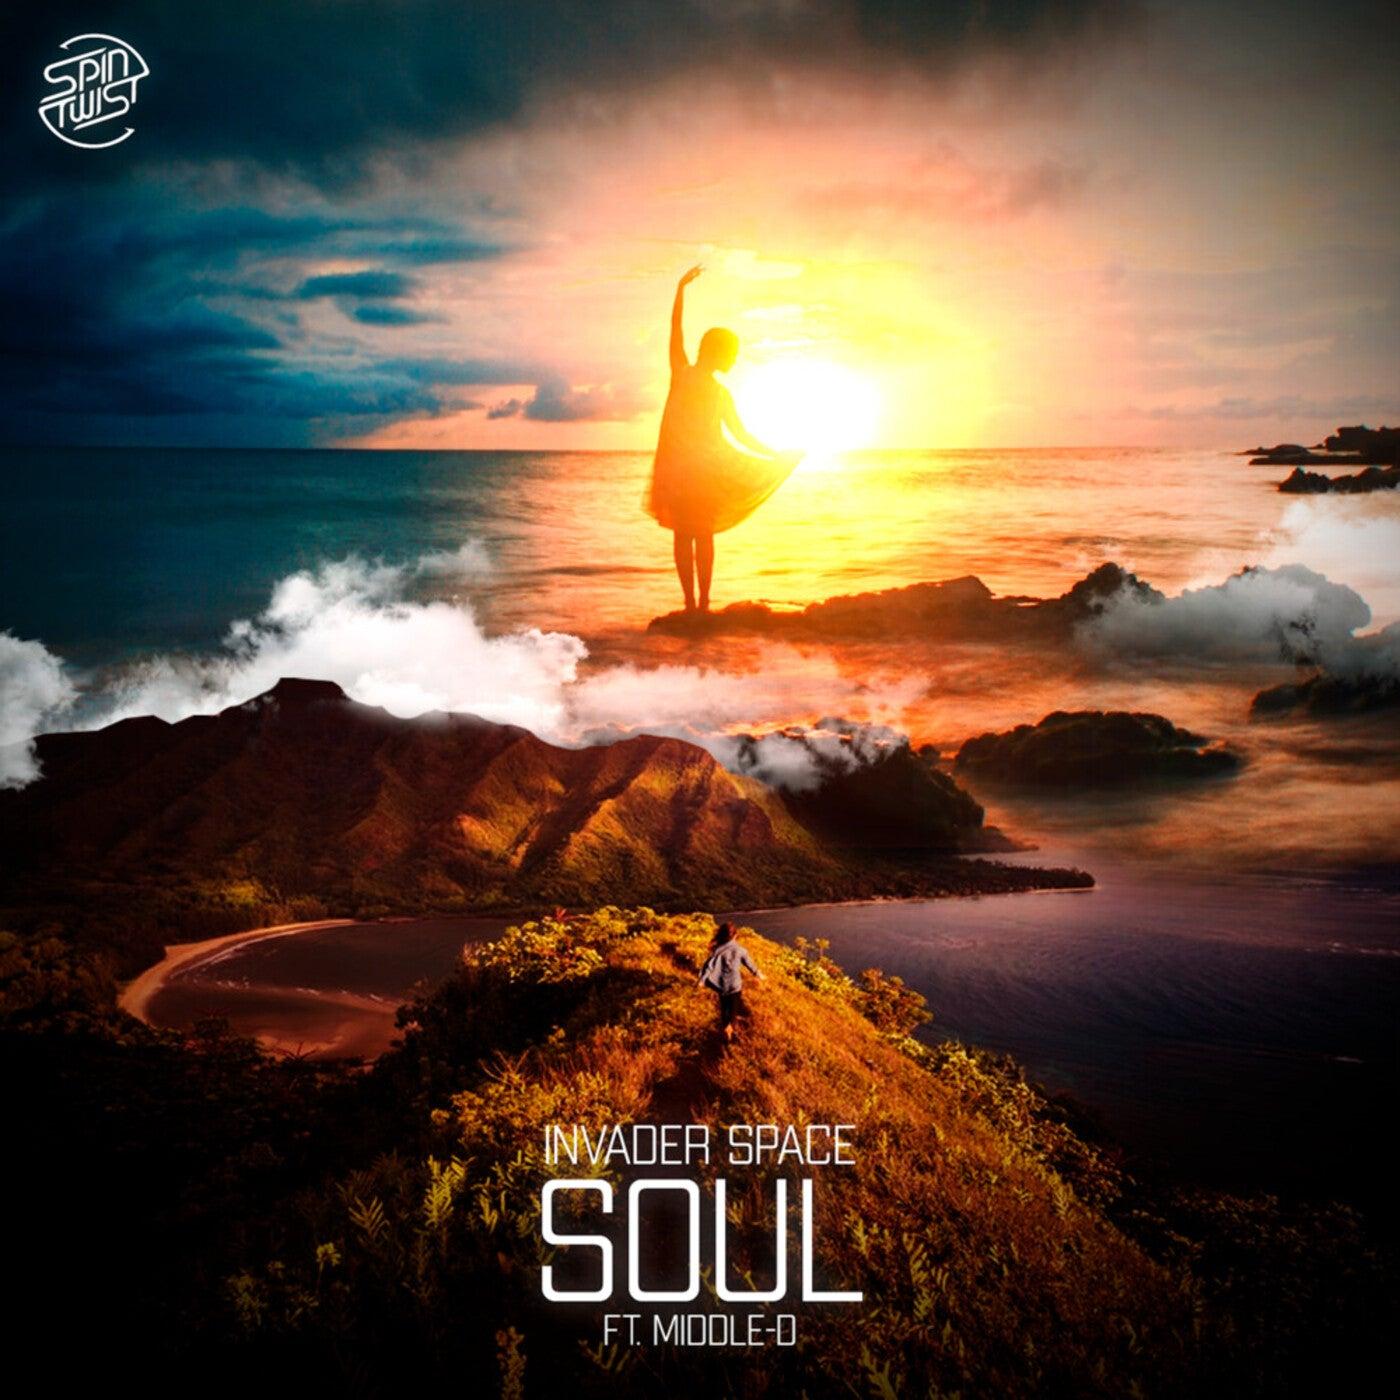 Soul feat. Middle-D (Original Mix)